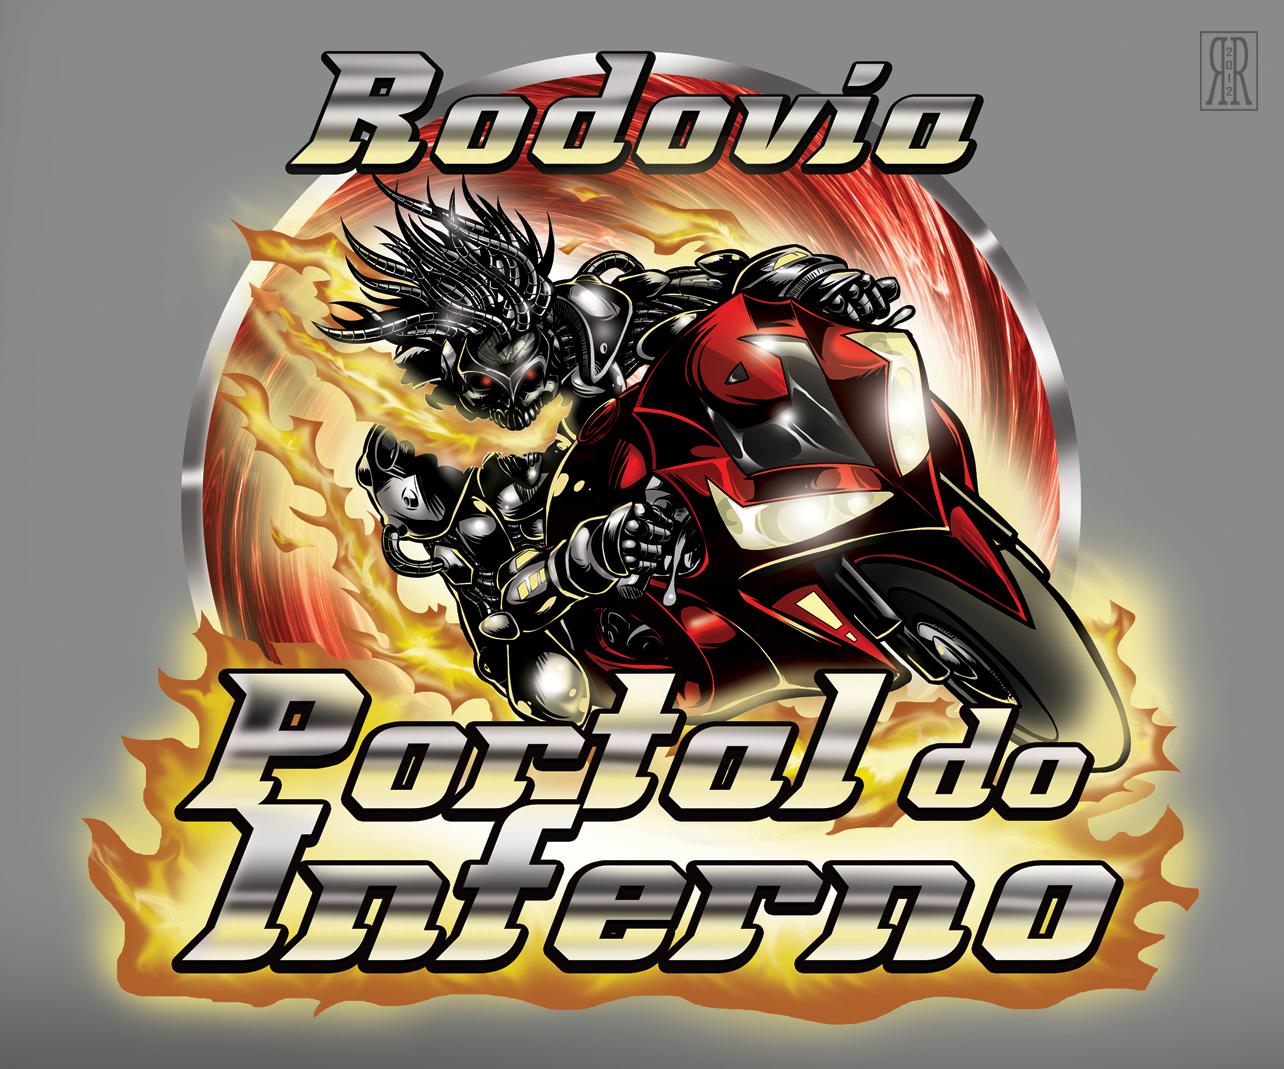 Demon Rider logo by klaatu81